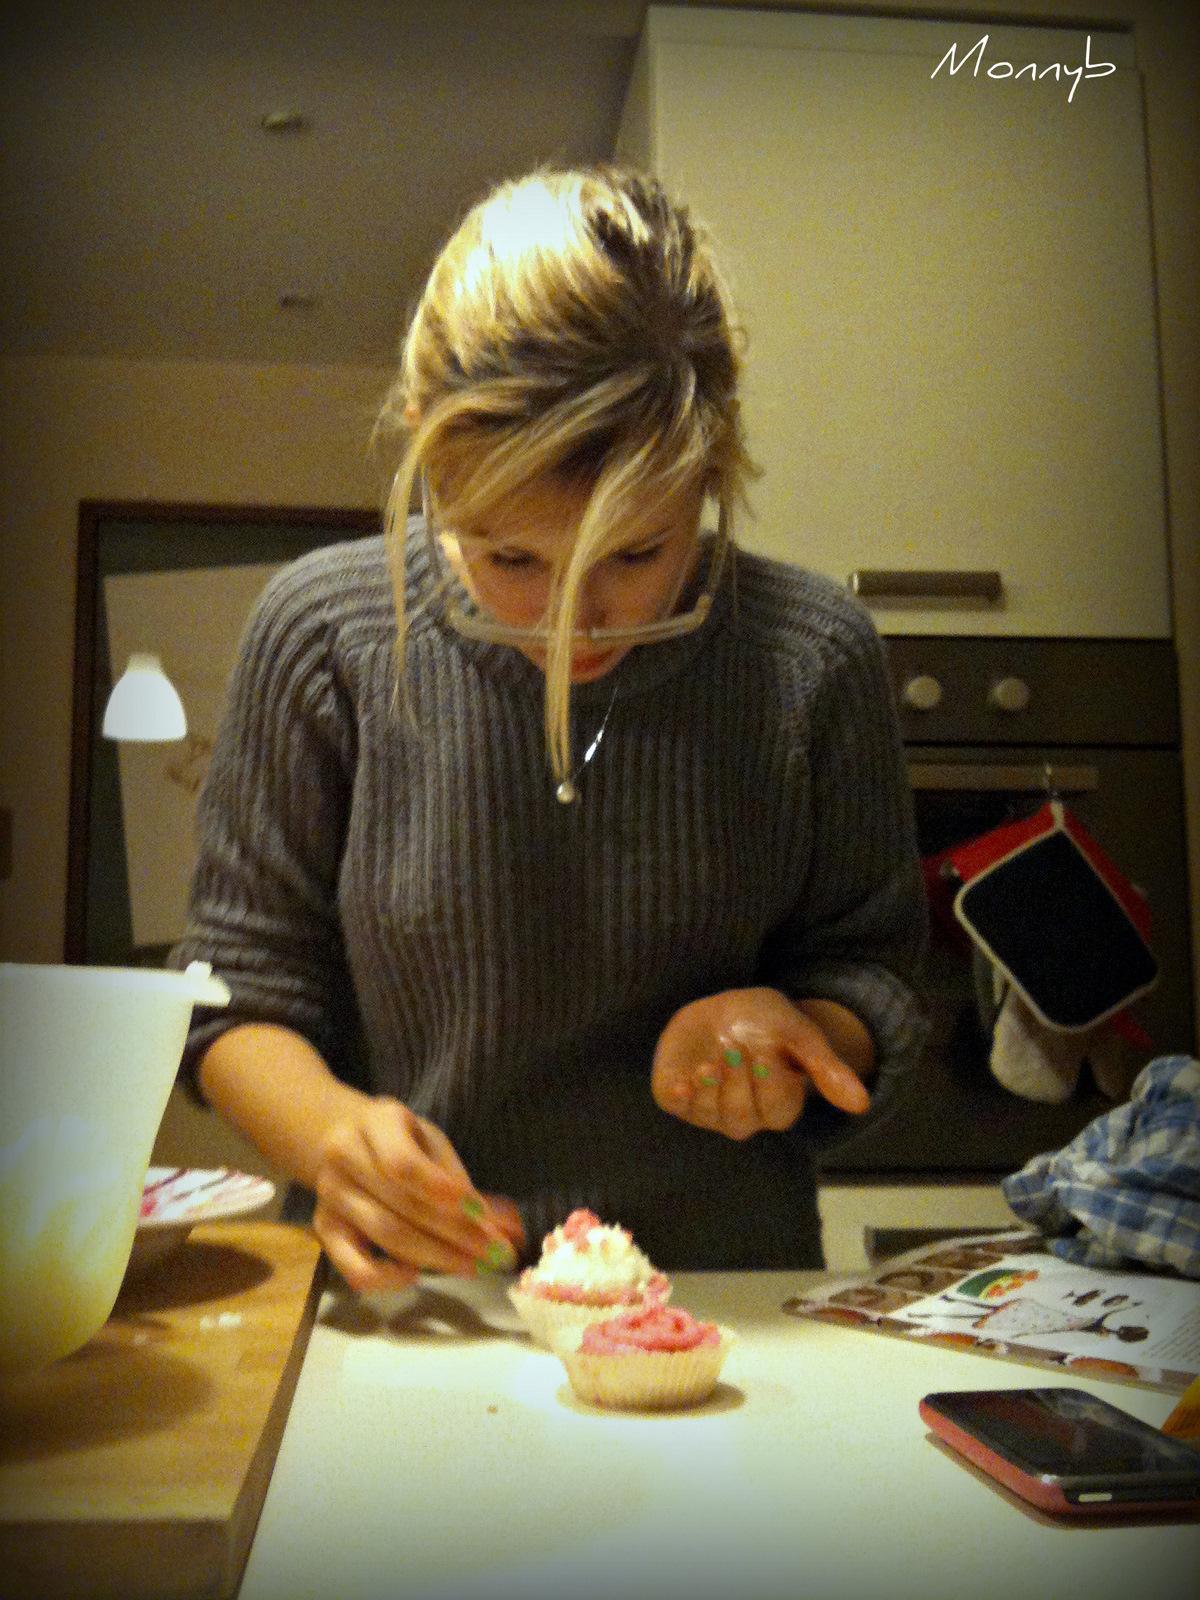 Monnyb lezioni di cucina in famiglia - Giornali di cucina ...